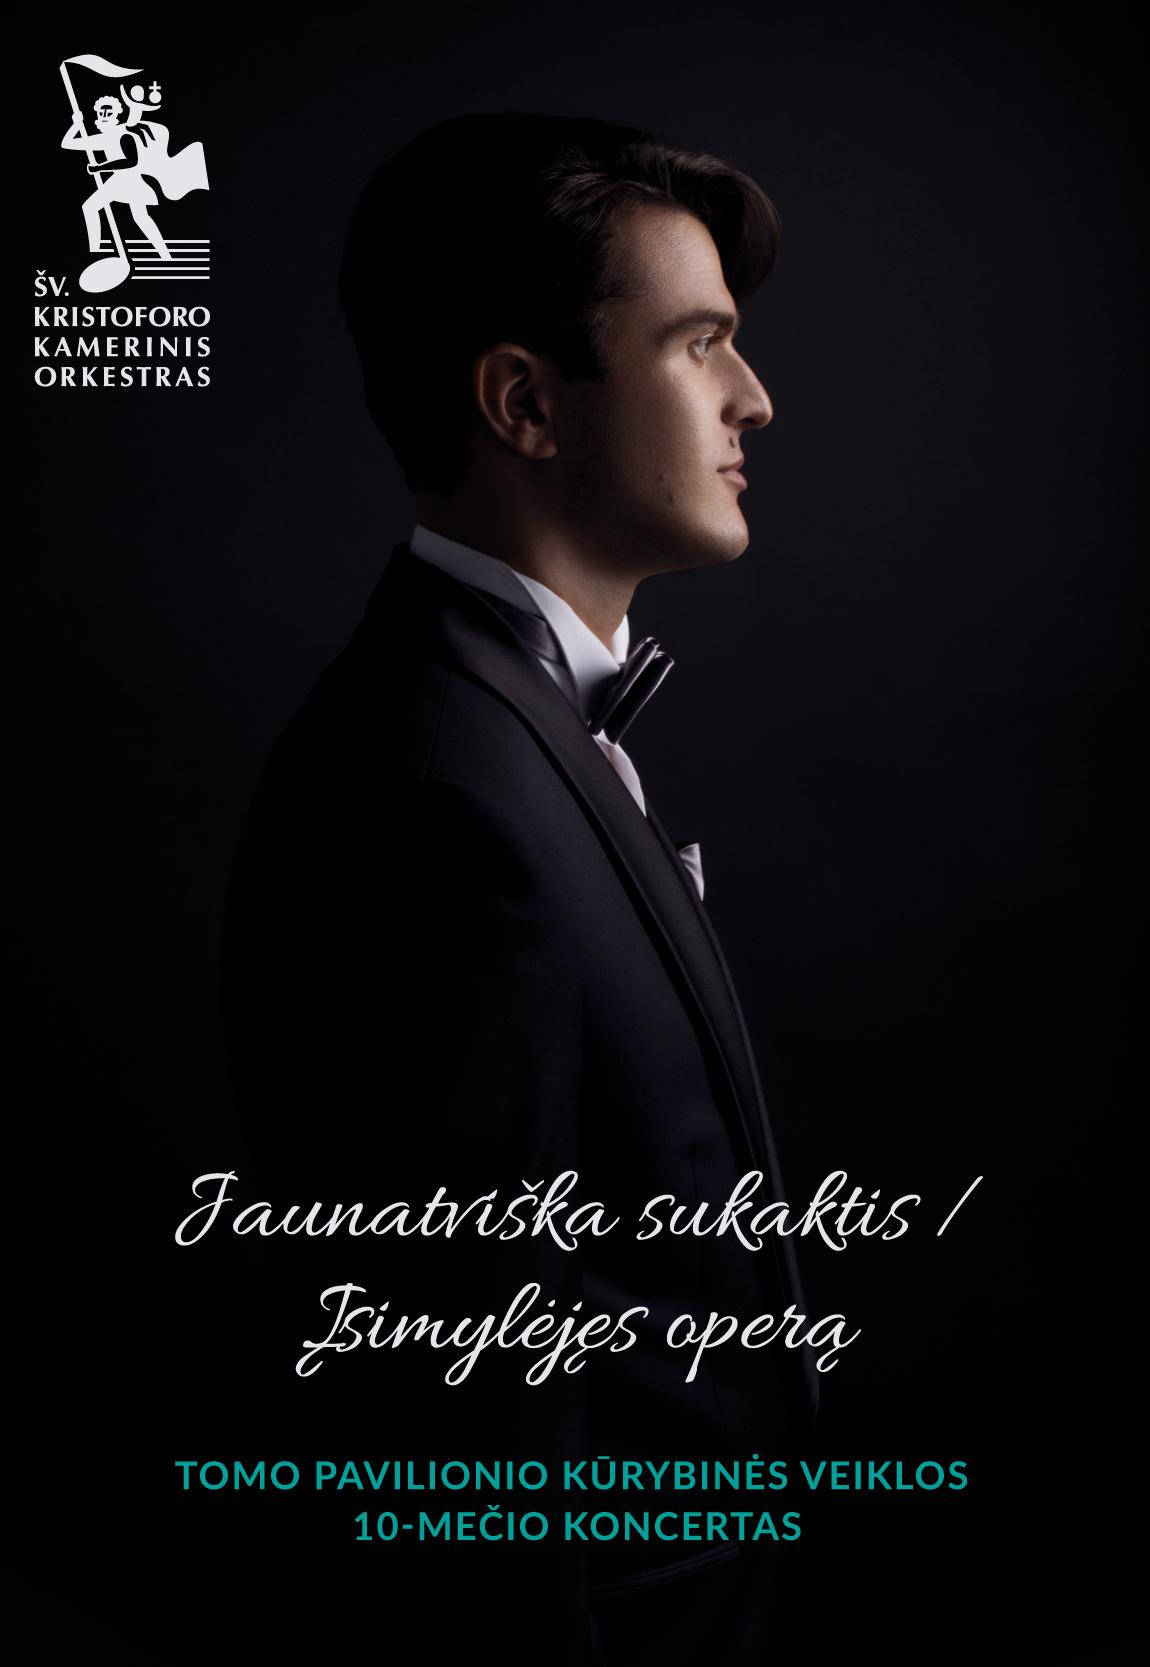 JAUNATVIŠKA SUKAKTIS / ĮSIMYLĖJĘS OPERĄ          Tomo Pavilionio kūrybinės veiklos 10-mečio koncertas